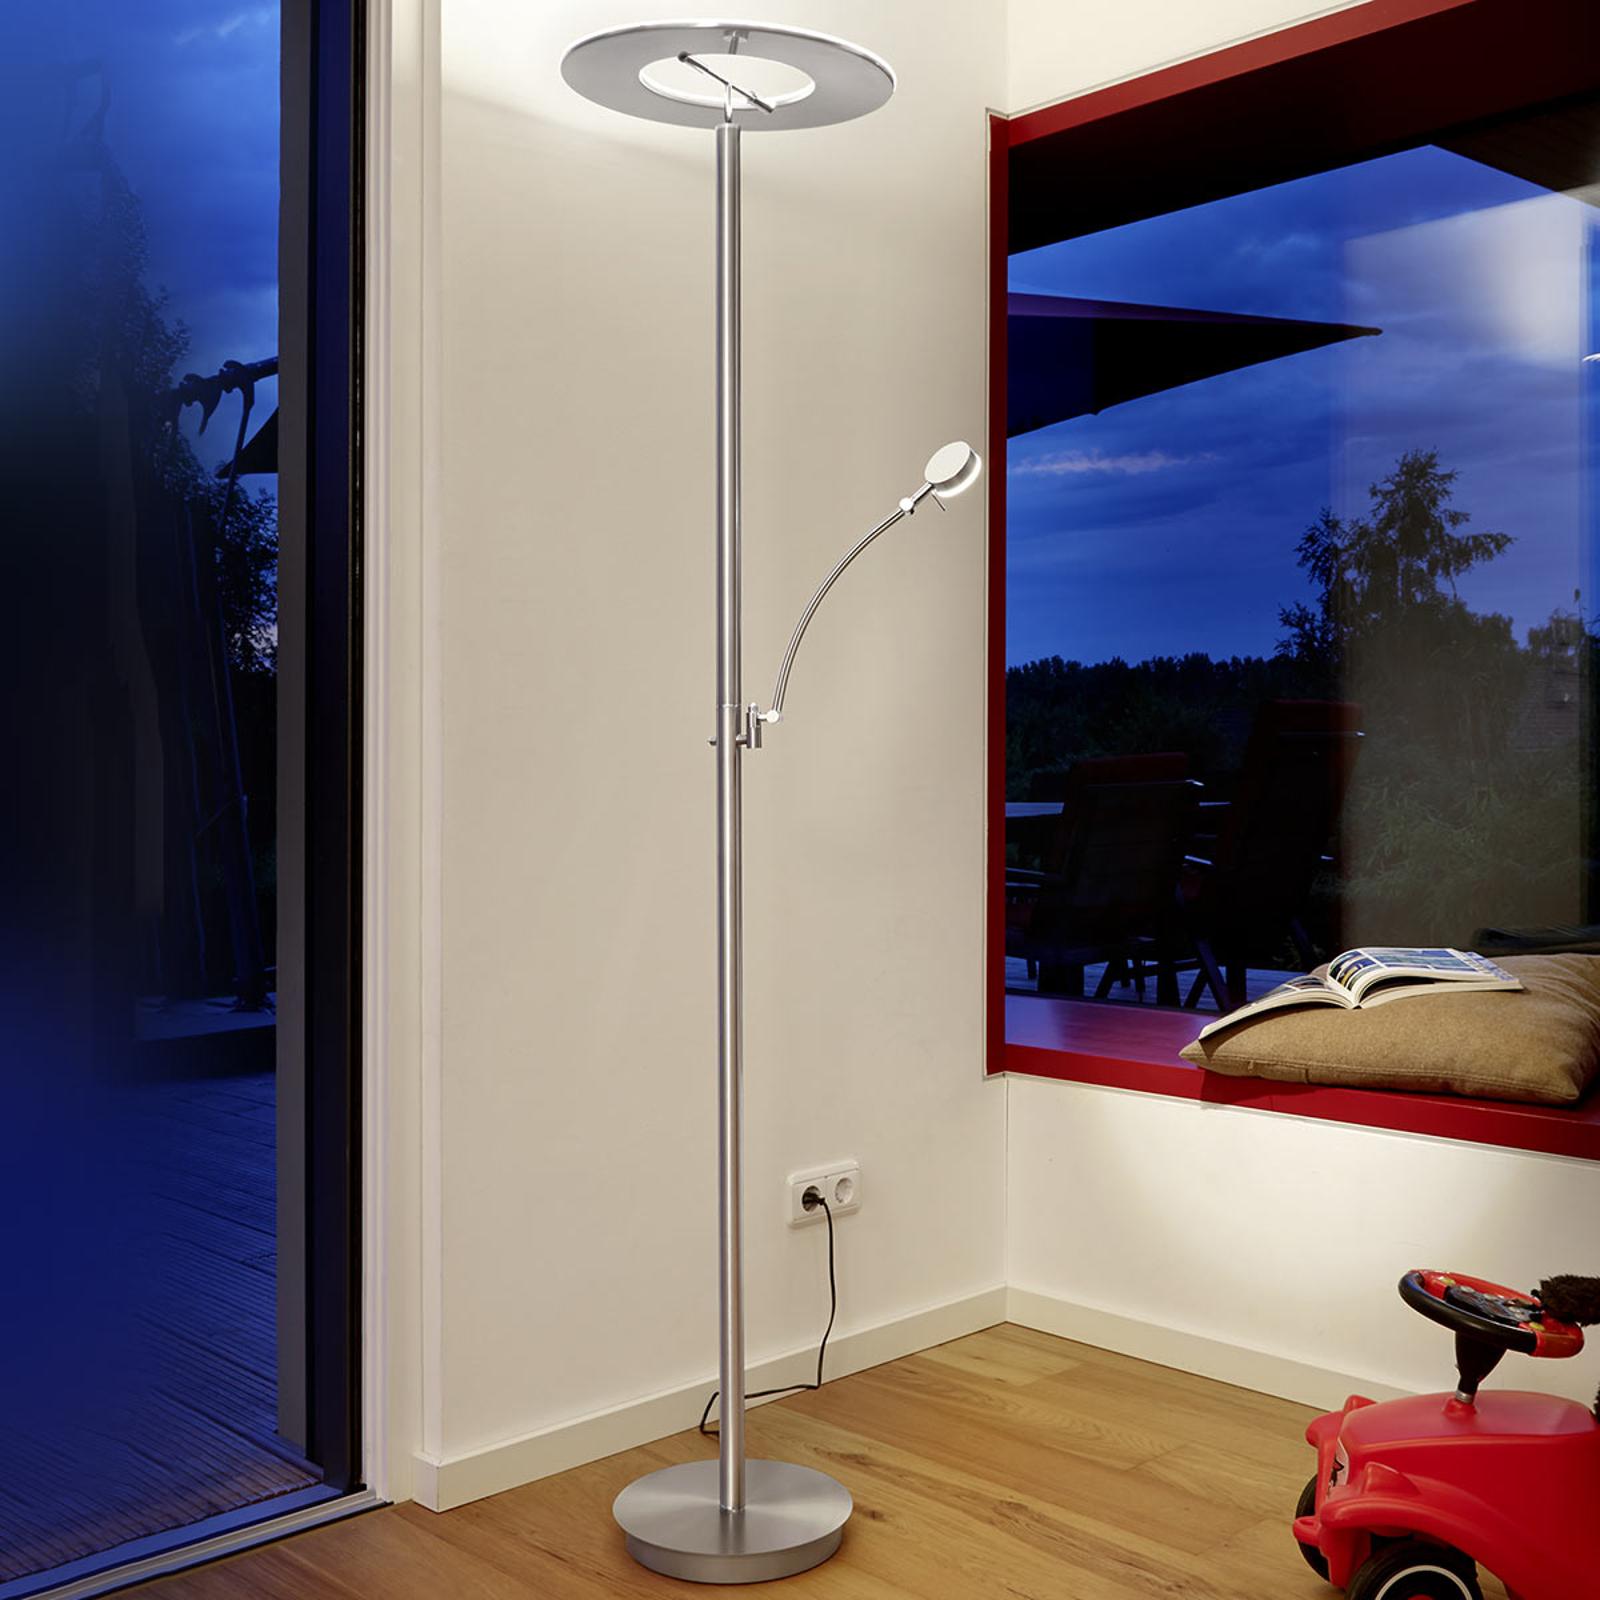 B-Leuchten Monza LED-Deckenfluter, nickel matt